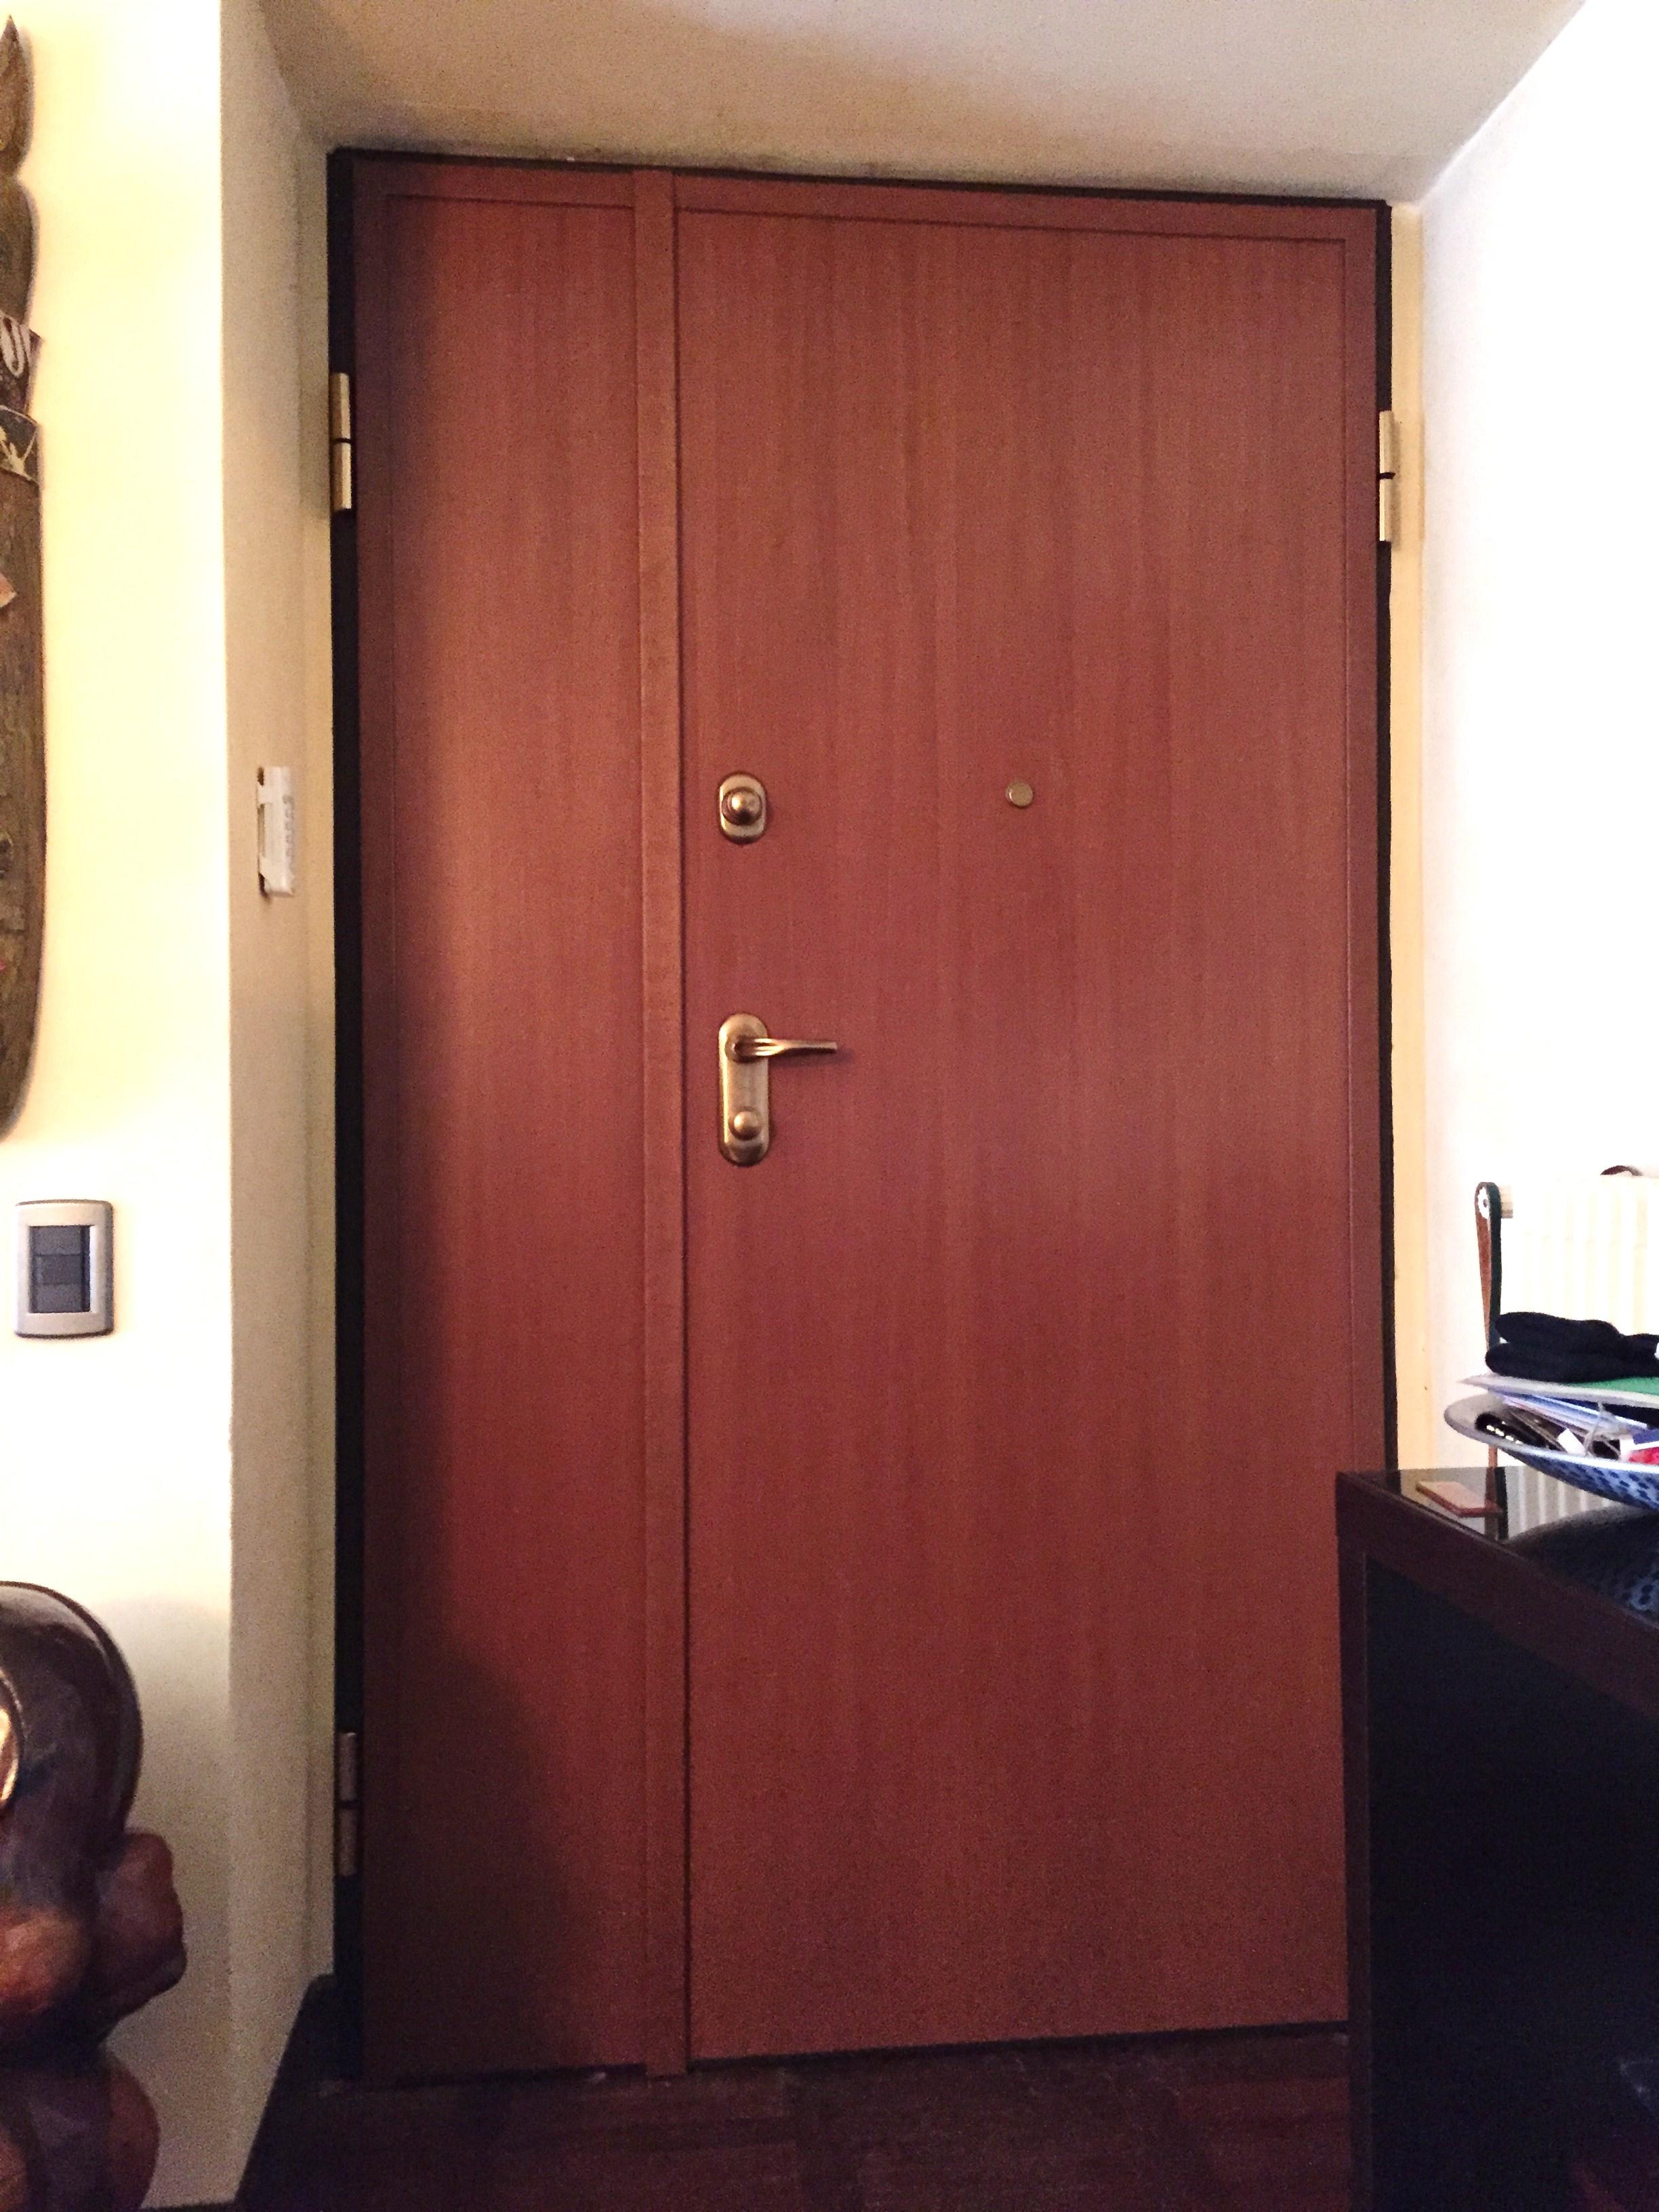 Porta blindata Mod. Sentry 1 doppio battente , abitazione a Cremona.